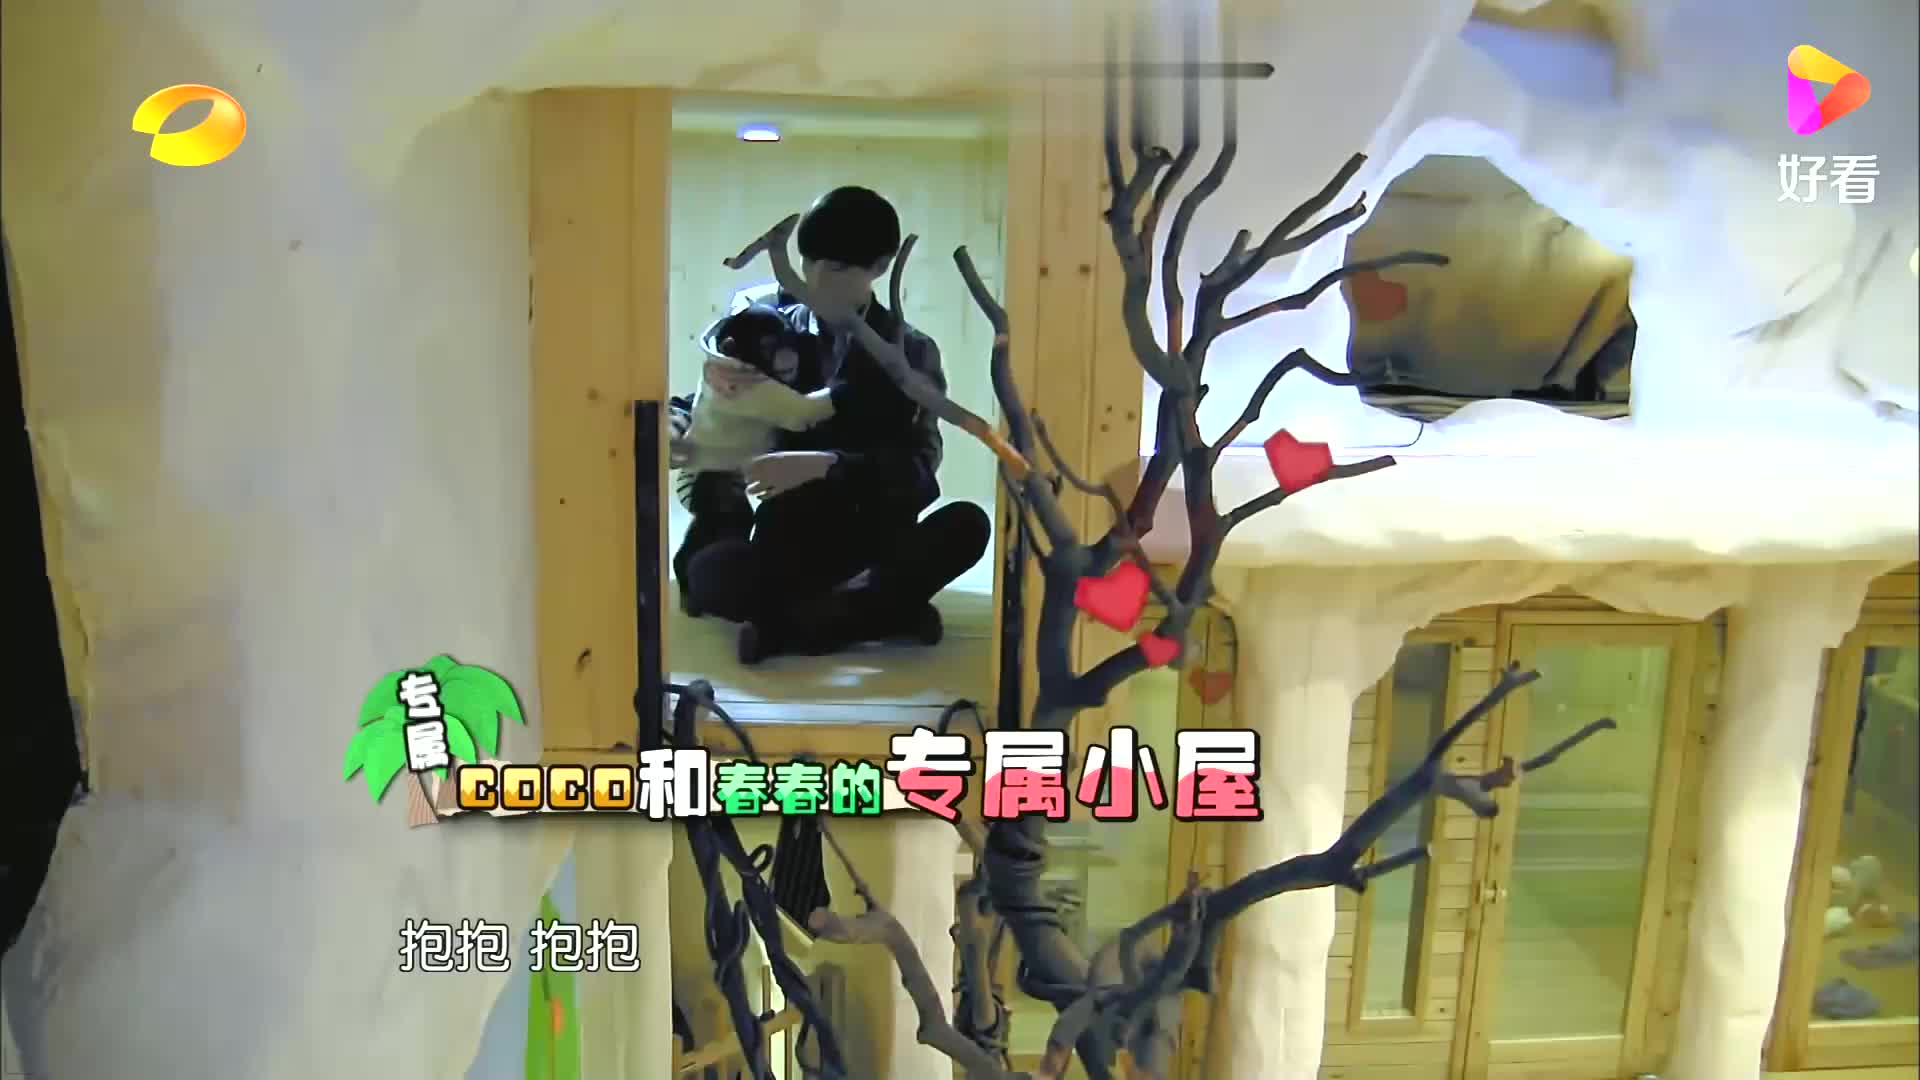 李宇春从高高的树上爬下来,吓的倪妮紧紧扶住树丨奇妙的朋友